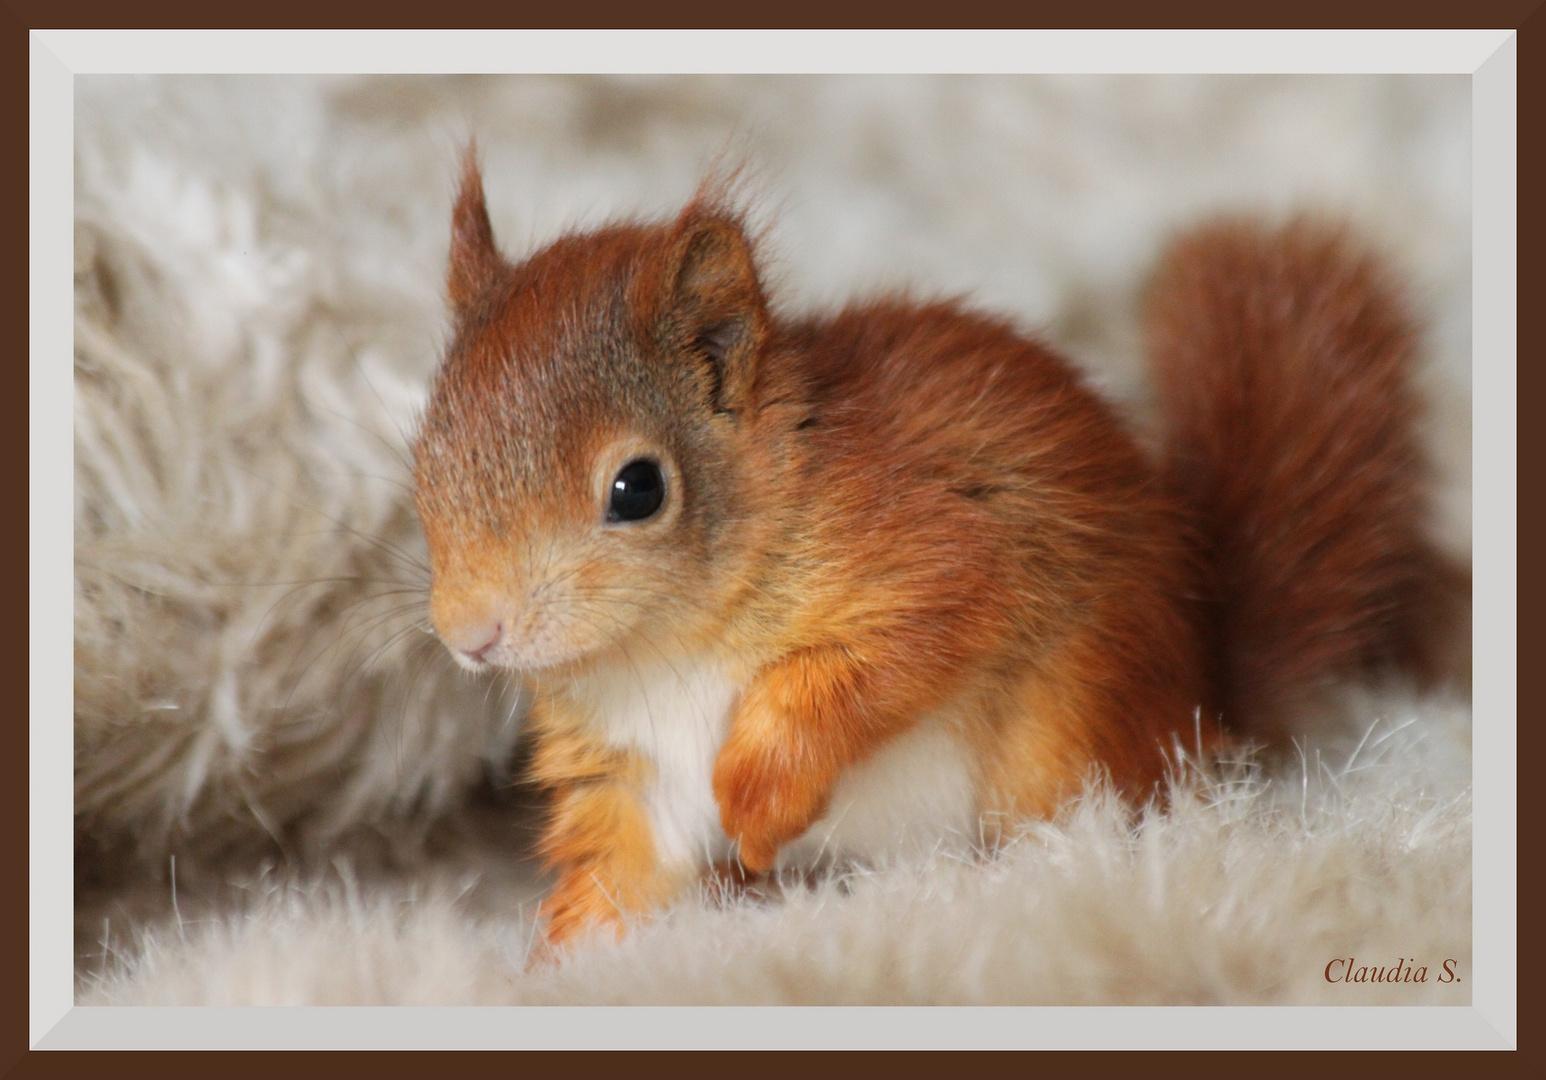 eichh rnchen baby red squirrel foto bild tiere. Black Bedroom Furniture Sets. Home Design Ideas